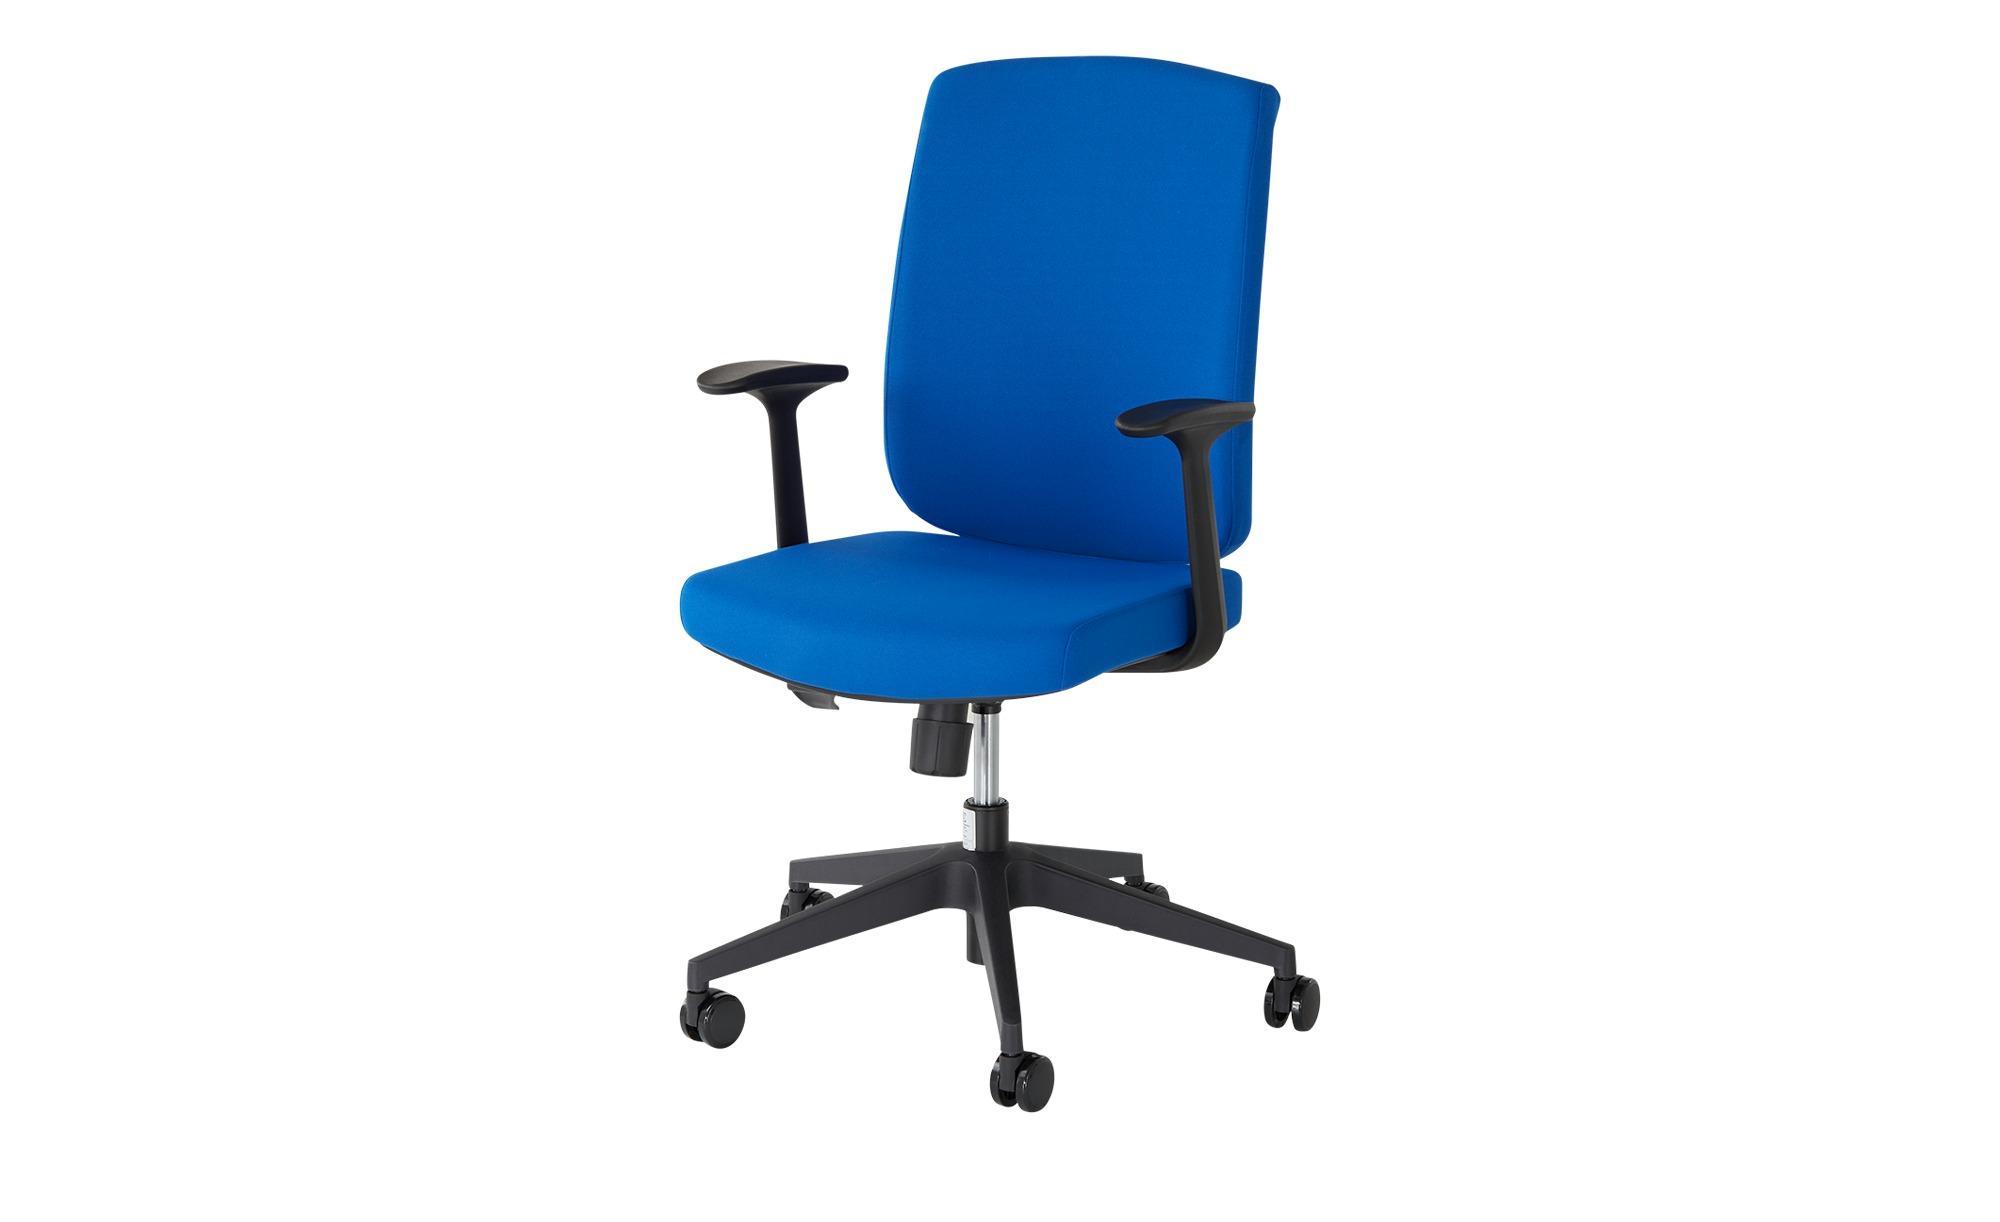 Bürodrehstuhl  Ziller ¦ blau Stühle > Bürostühle > Drehstühle - Höffner